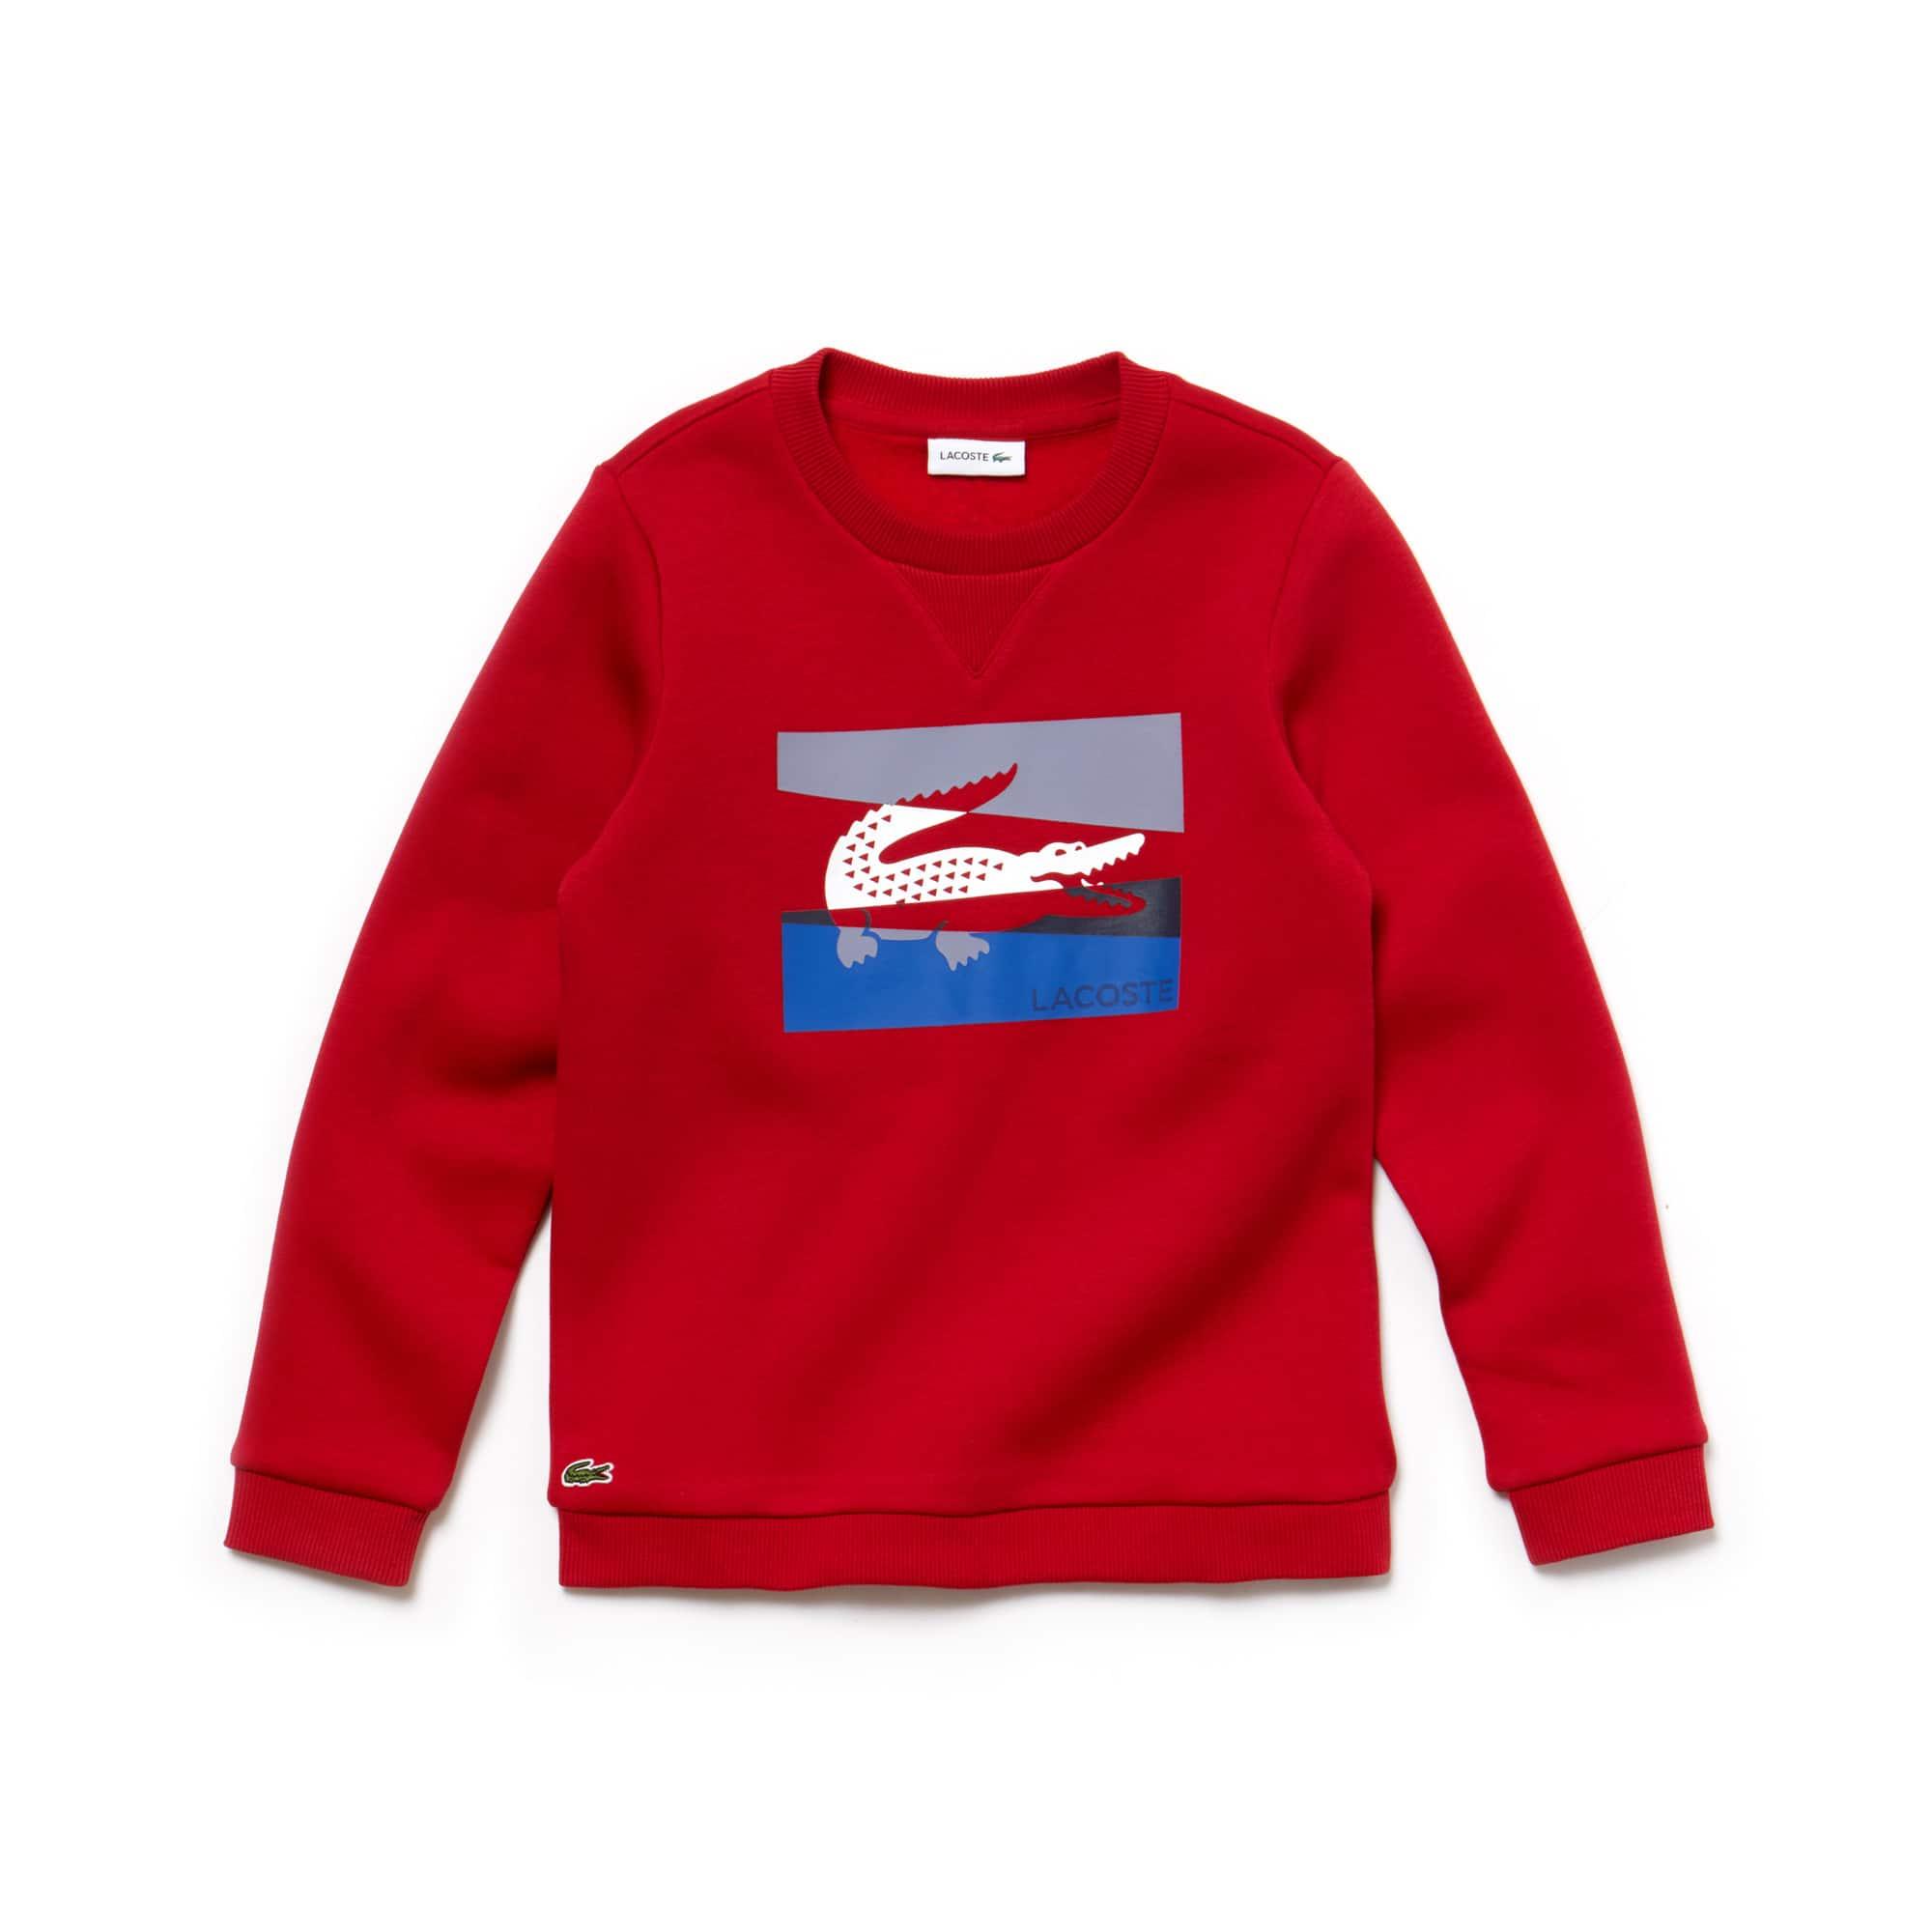 Sweatshirt Menino com decote redondo em moletão com marcação color block